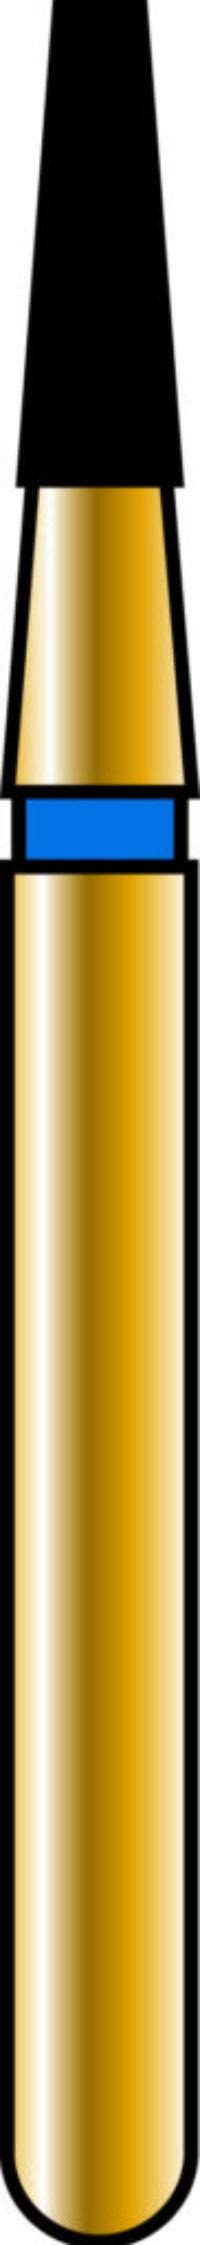 Flat End Taper 14-4mm Gold Diamond Bur - Coarse Grit